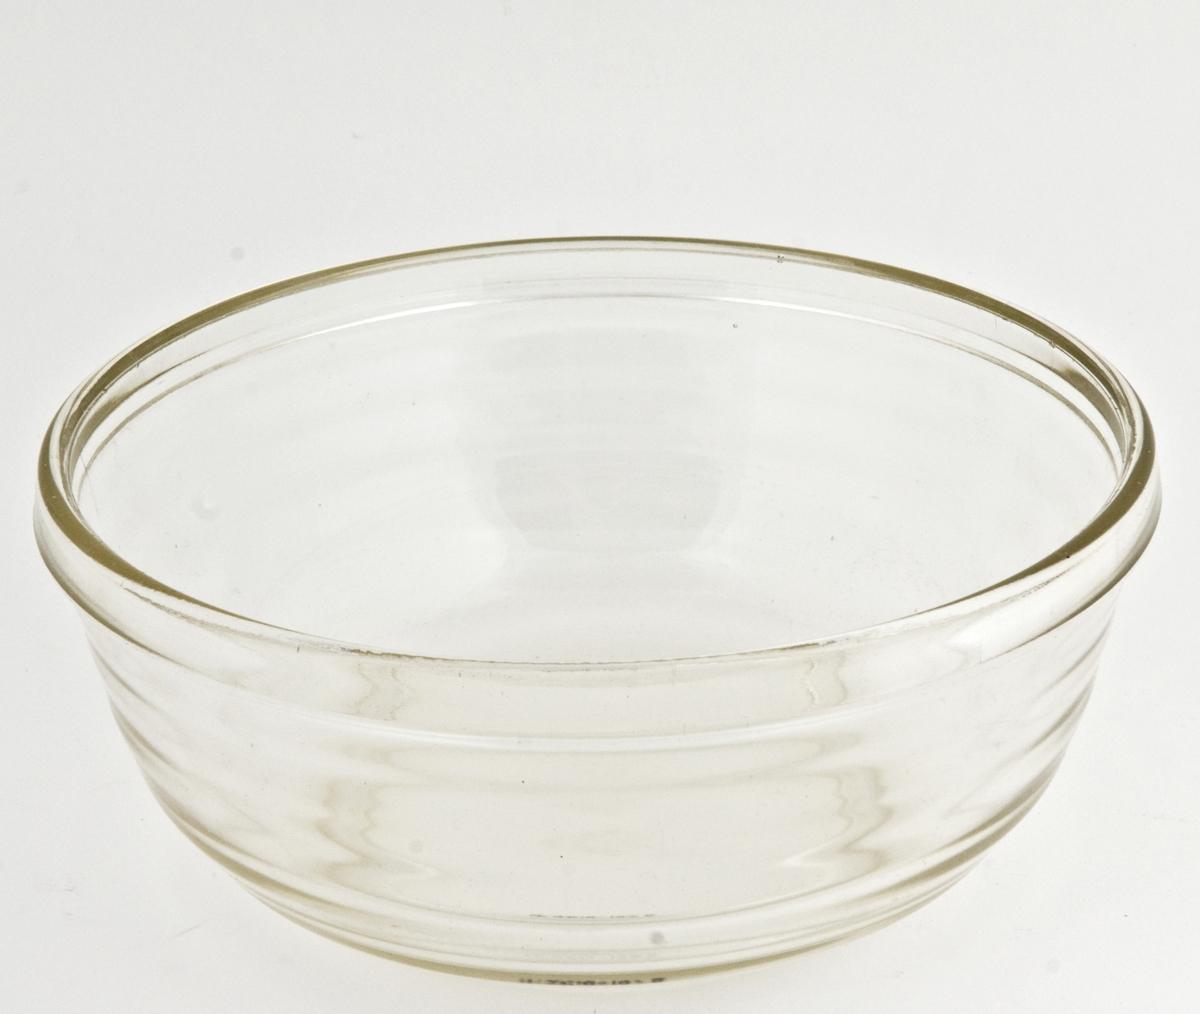 Kjøkkenmaskin (A) med tilhørende utstyr: 2 glassboller (BC) , 1 løs visp (D) og plasthette til kjøkkenmaskin merket Adax (E).